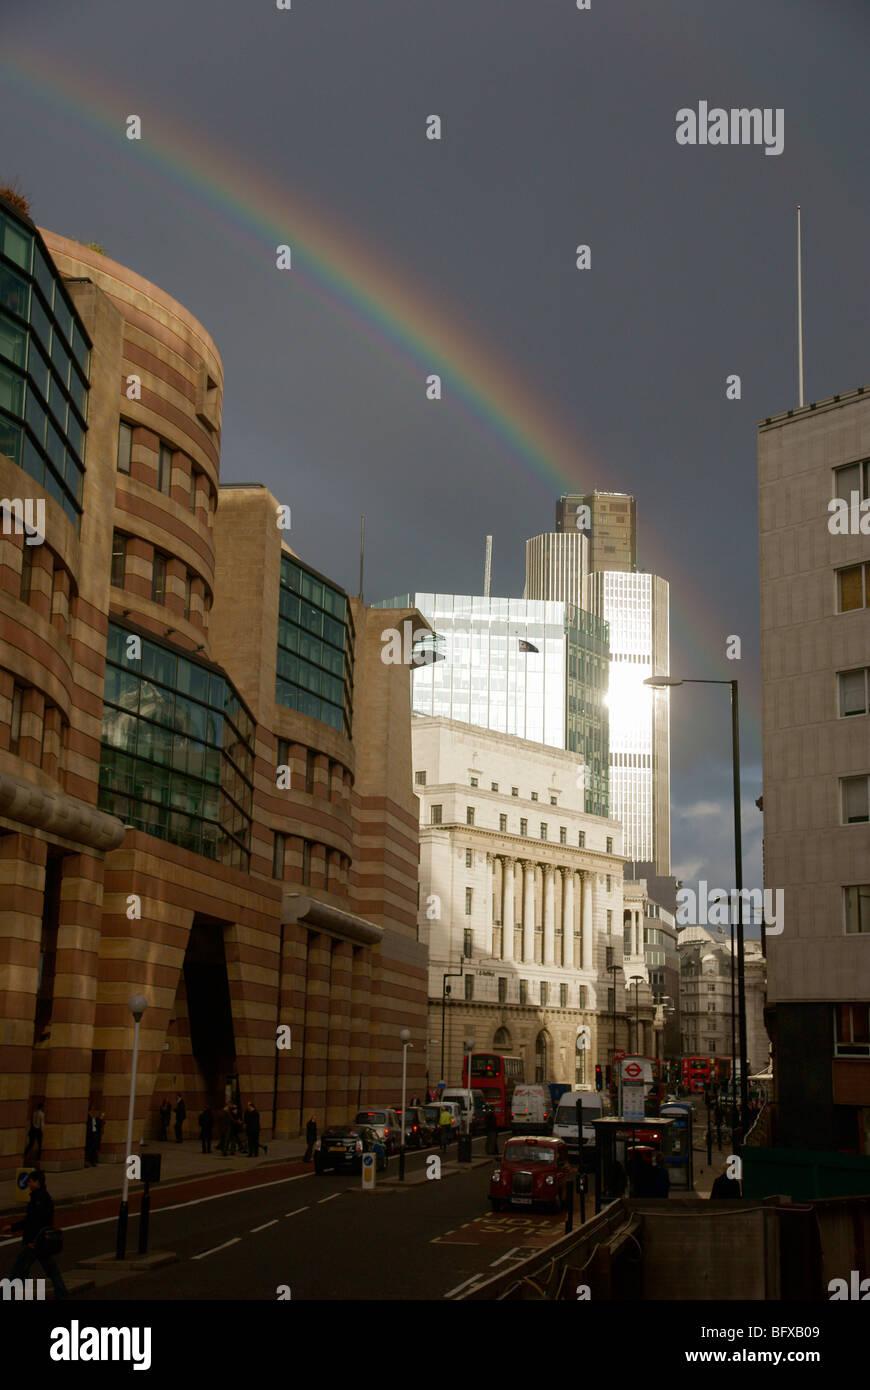 Rainbow against dark sky over london city skyline - Stock Image